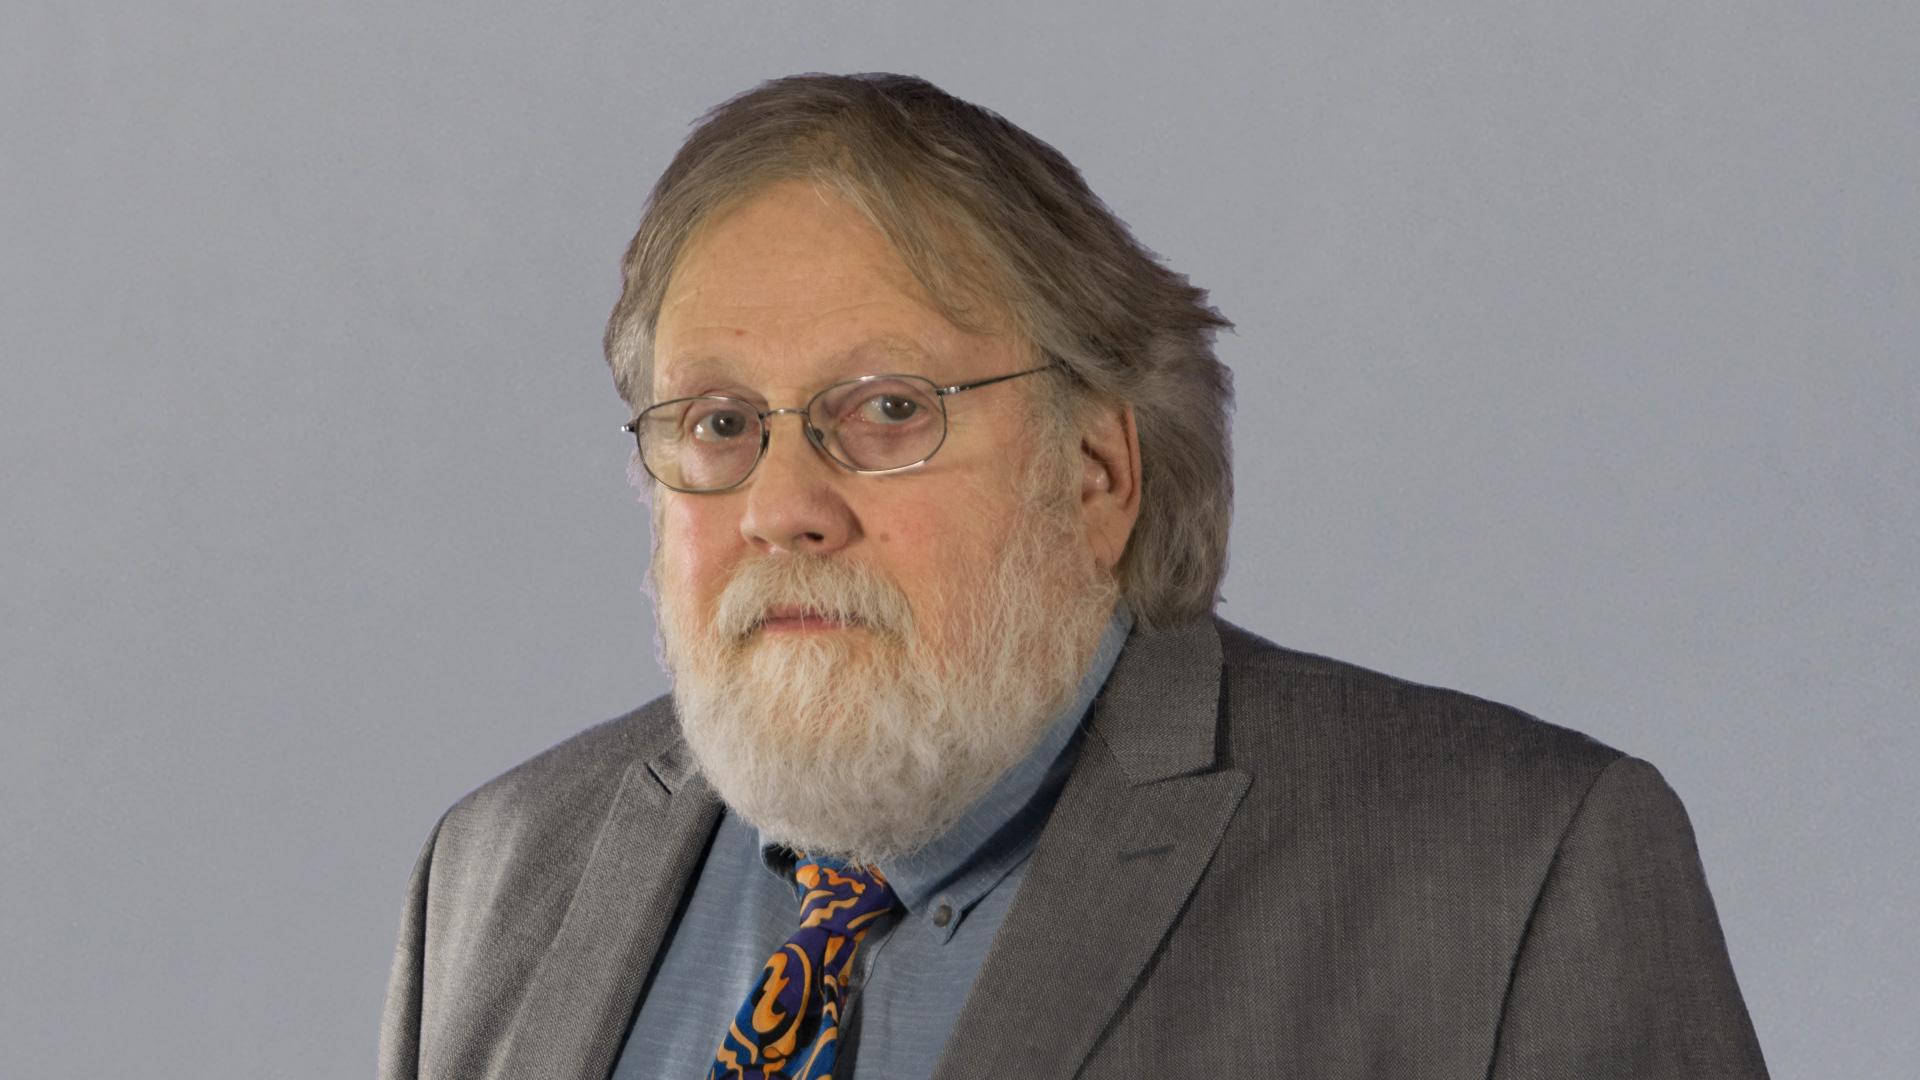 Rodger Kessler, PhD